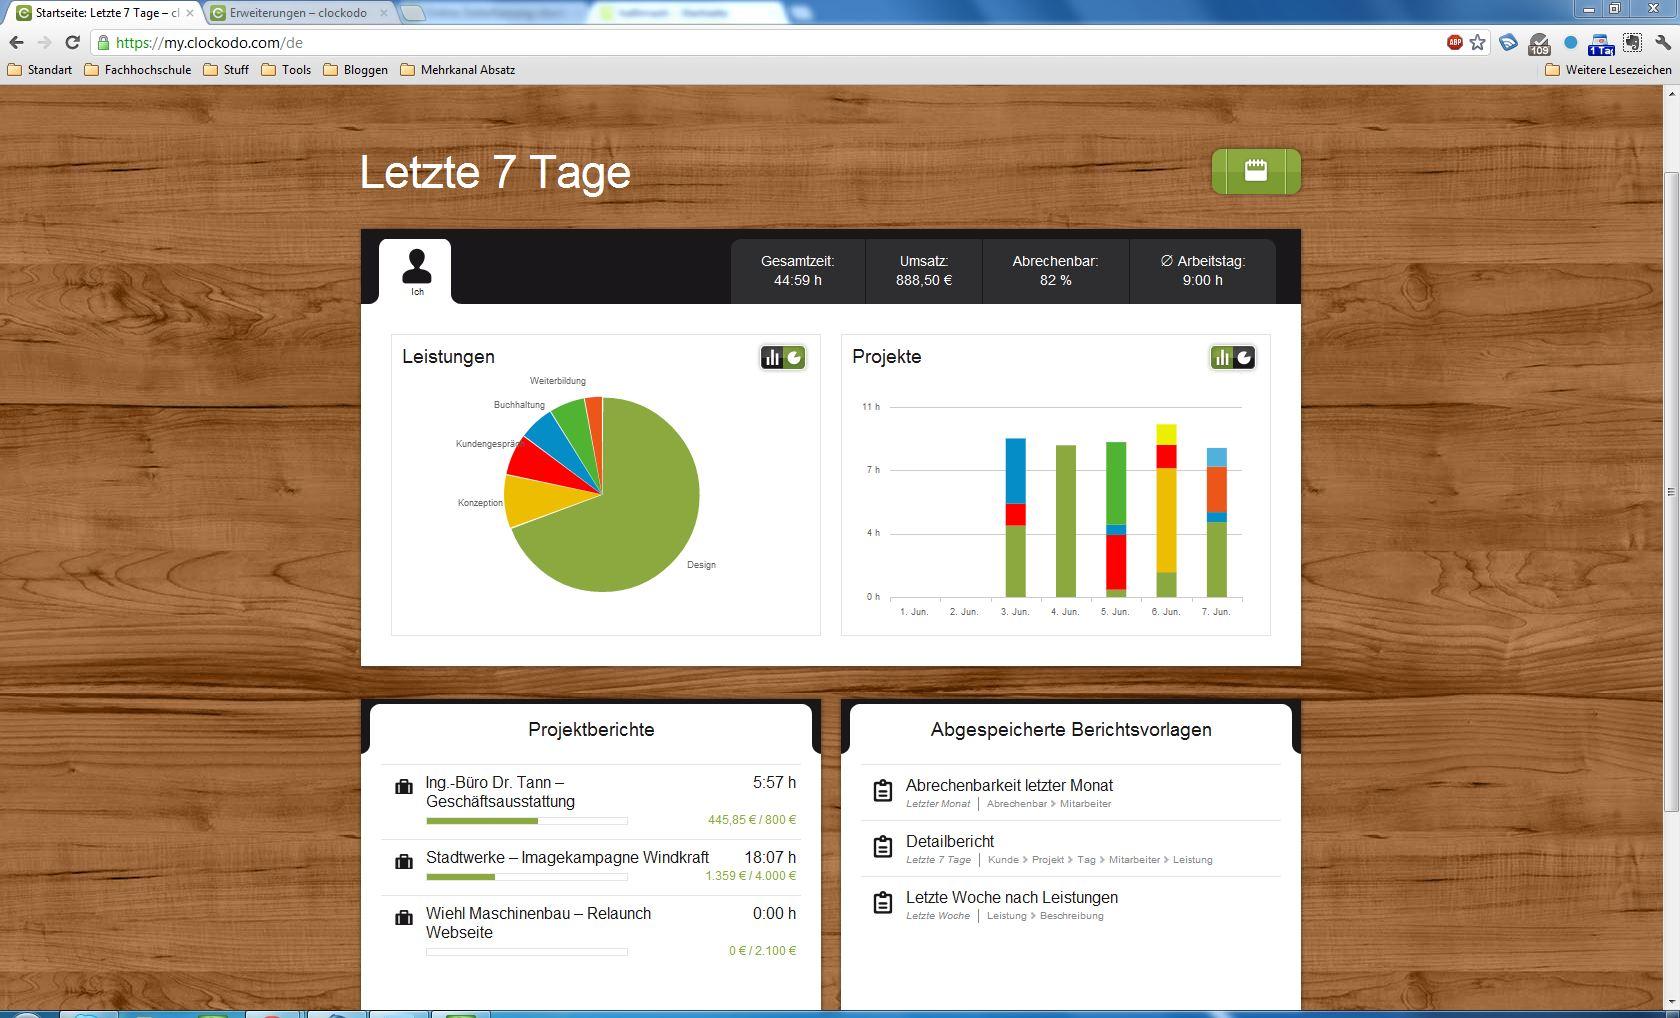 Lohnabrechnung - Outsourcing oder Internalisierung: Software Clockodo